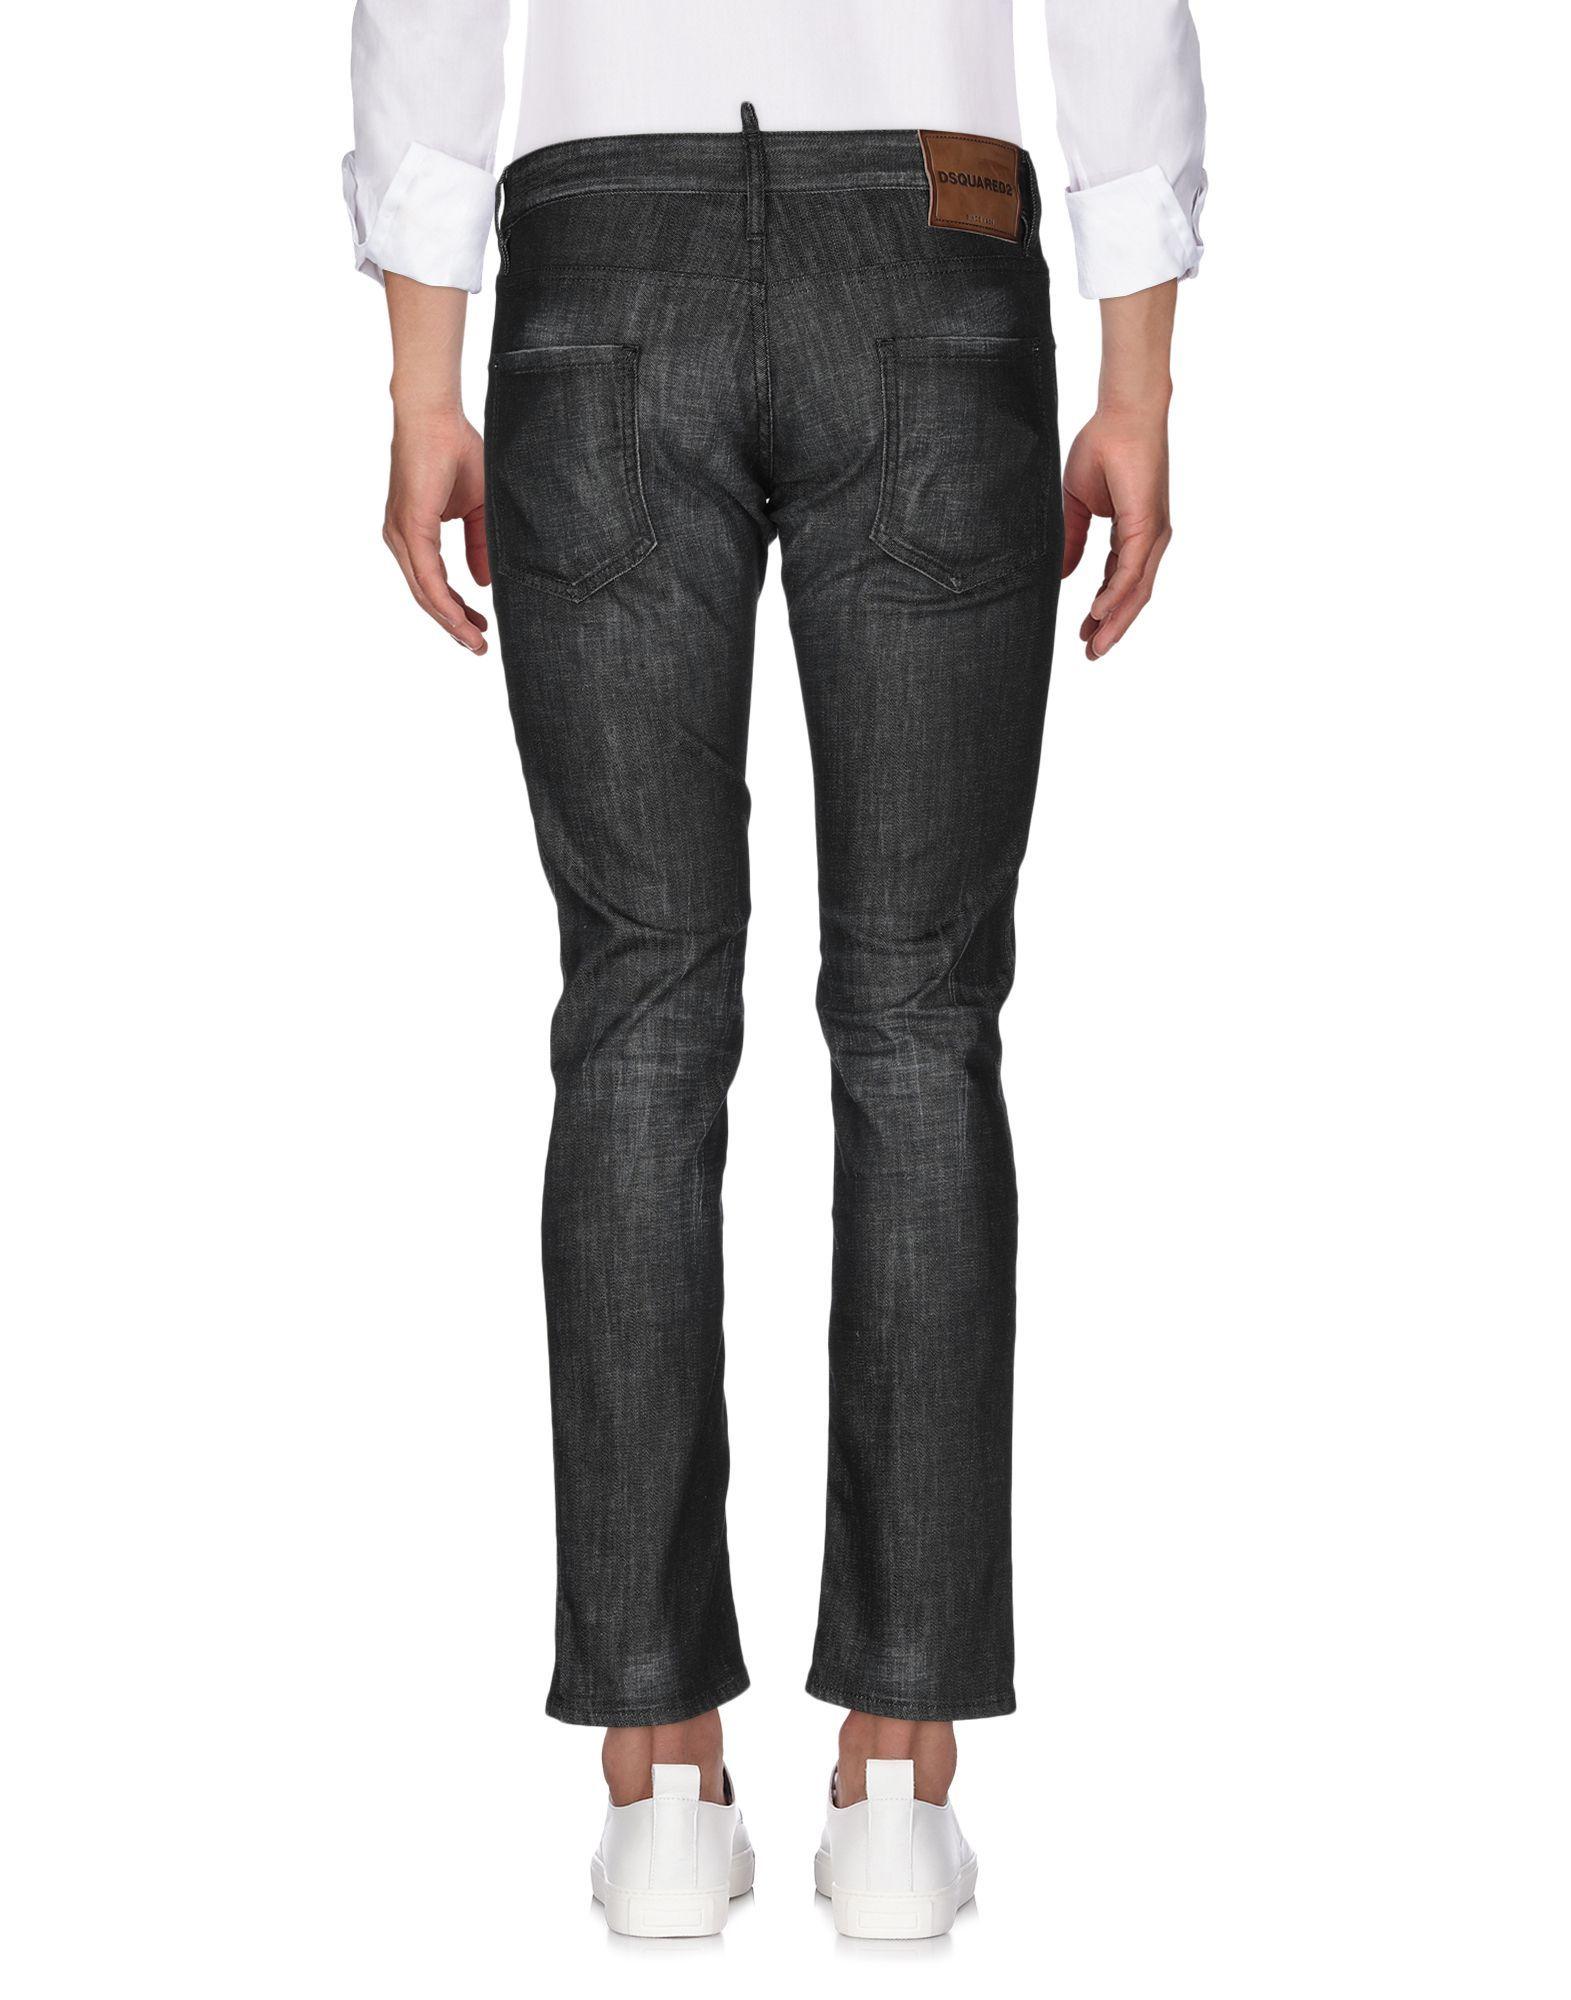 Dsquared2 Black Cotton Jeans